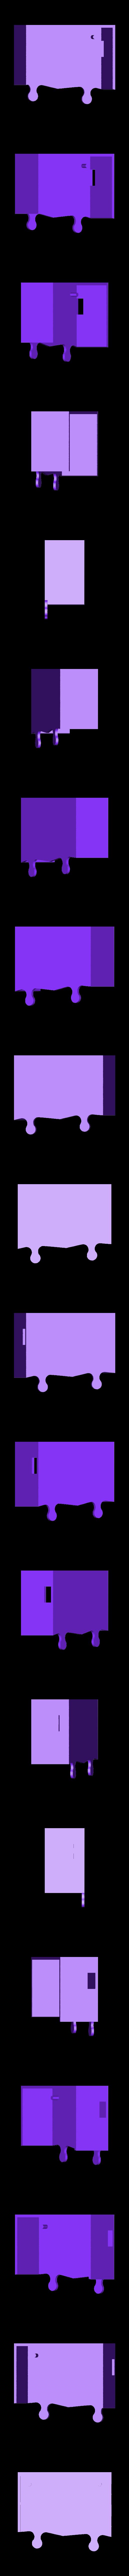 case2.stl Télécharger fichier STL gratuit Printrbot Boîtier électronique • Modèle pour imprimante 3D, Ghashrod